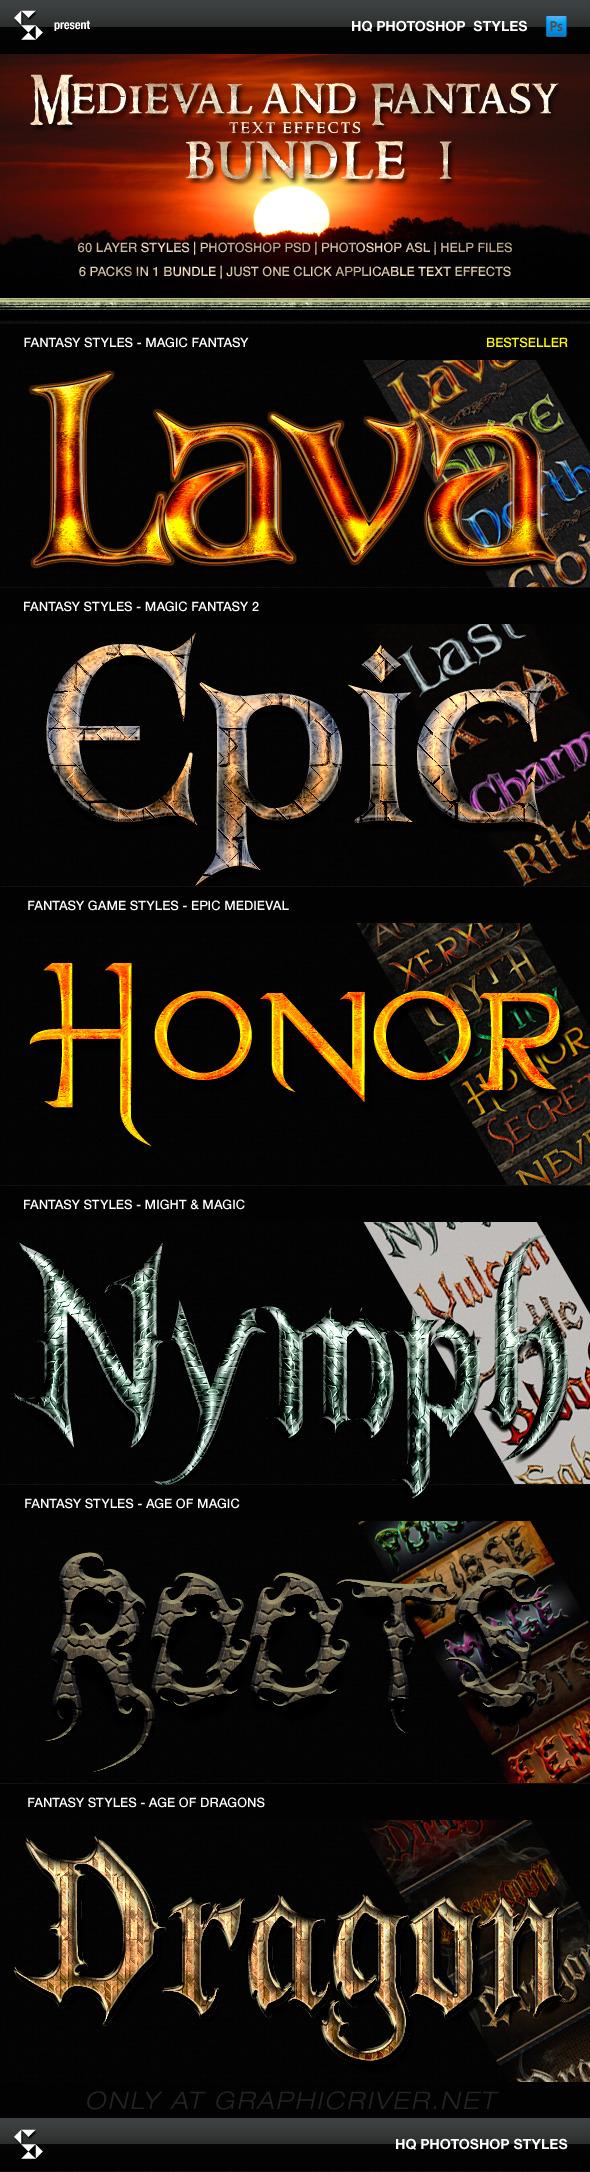 Fantasy Styles Bundle - Magic Fantasy Collection